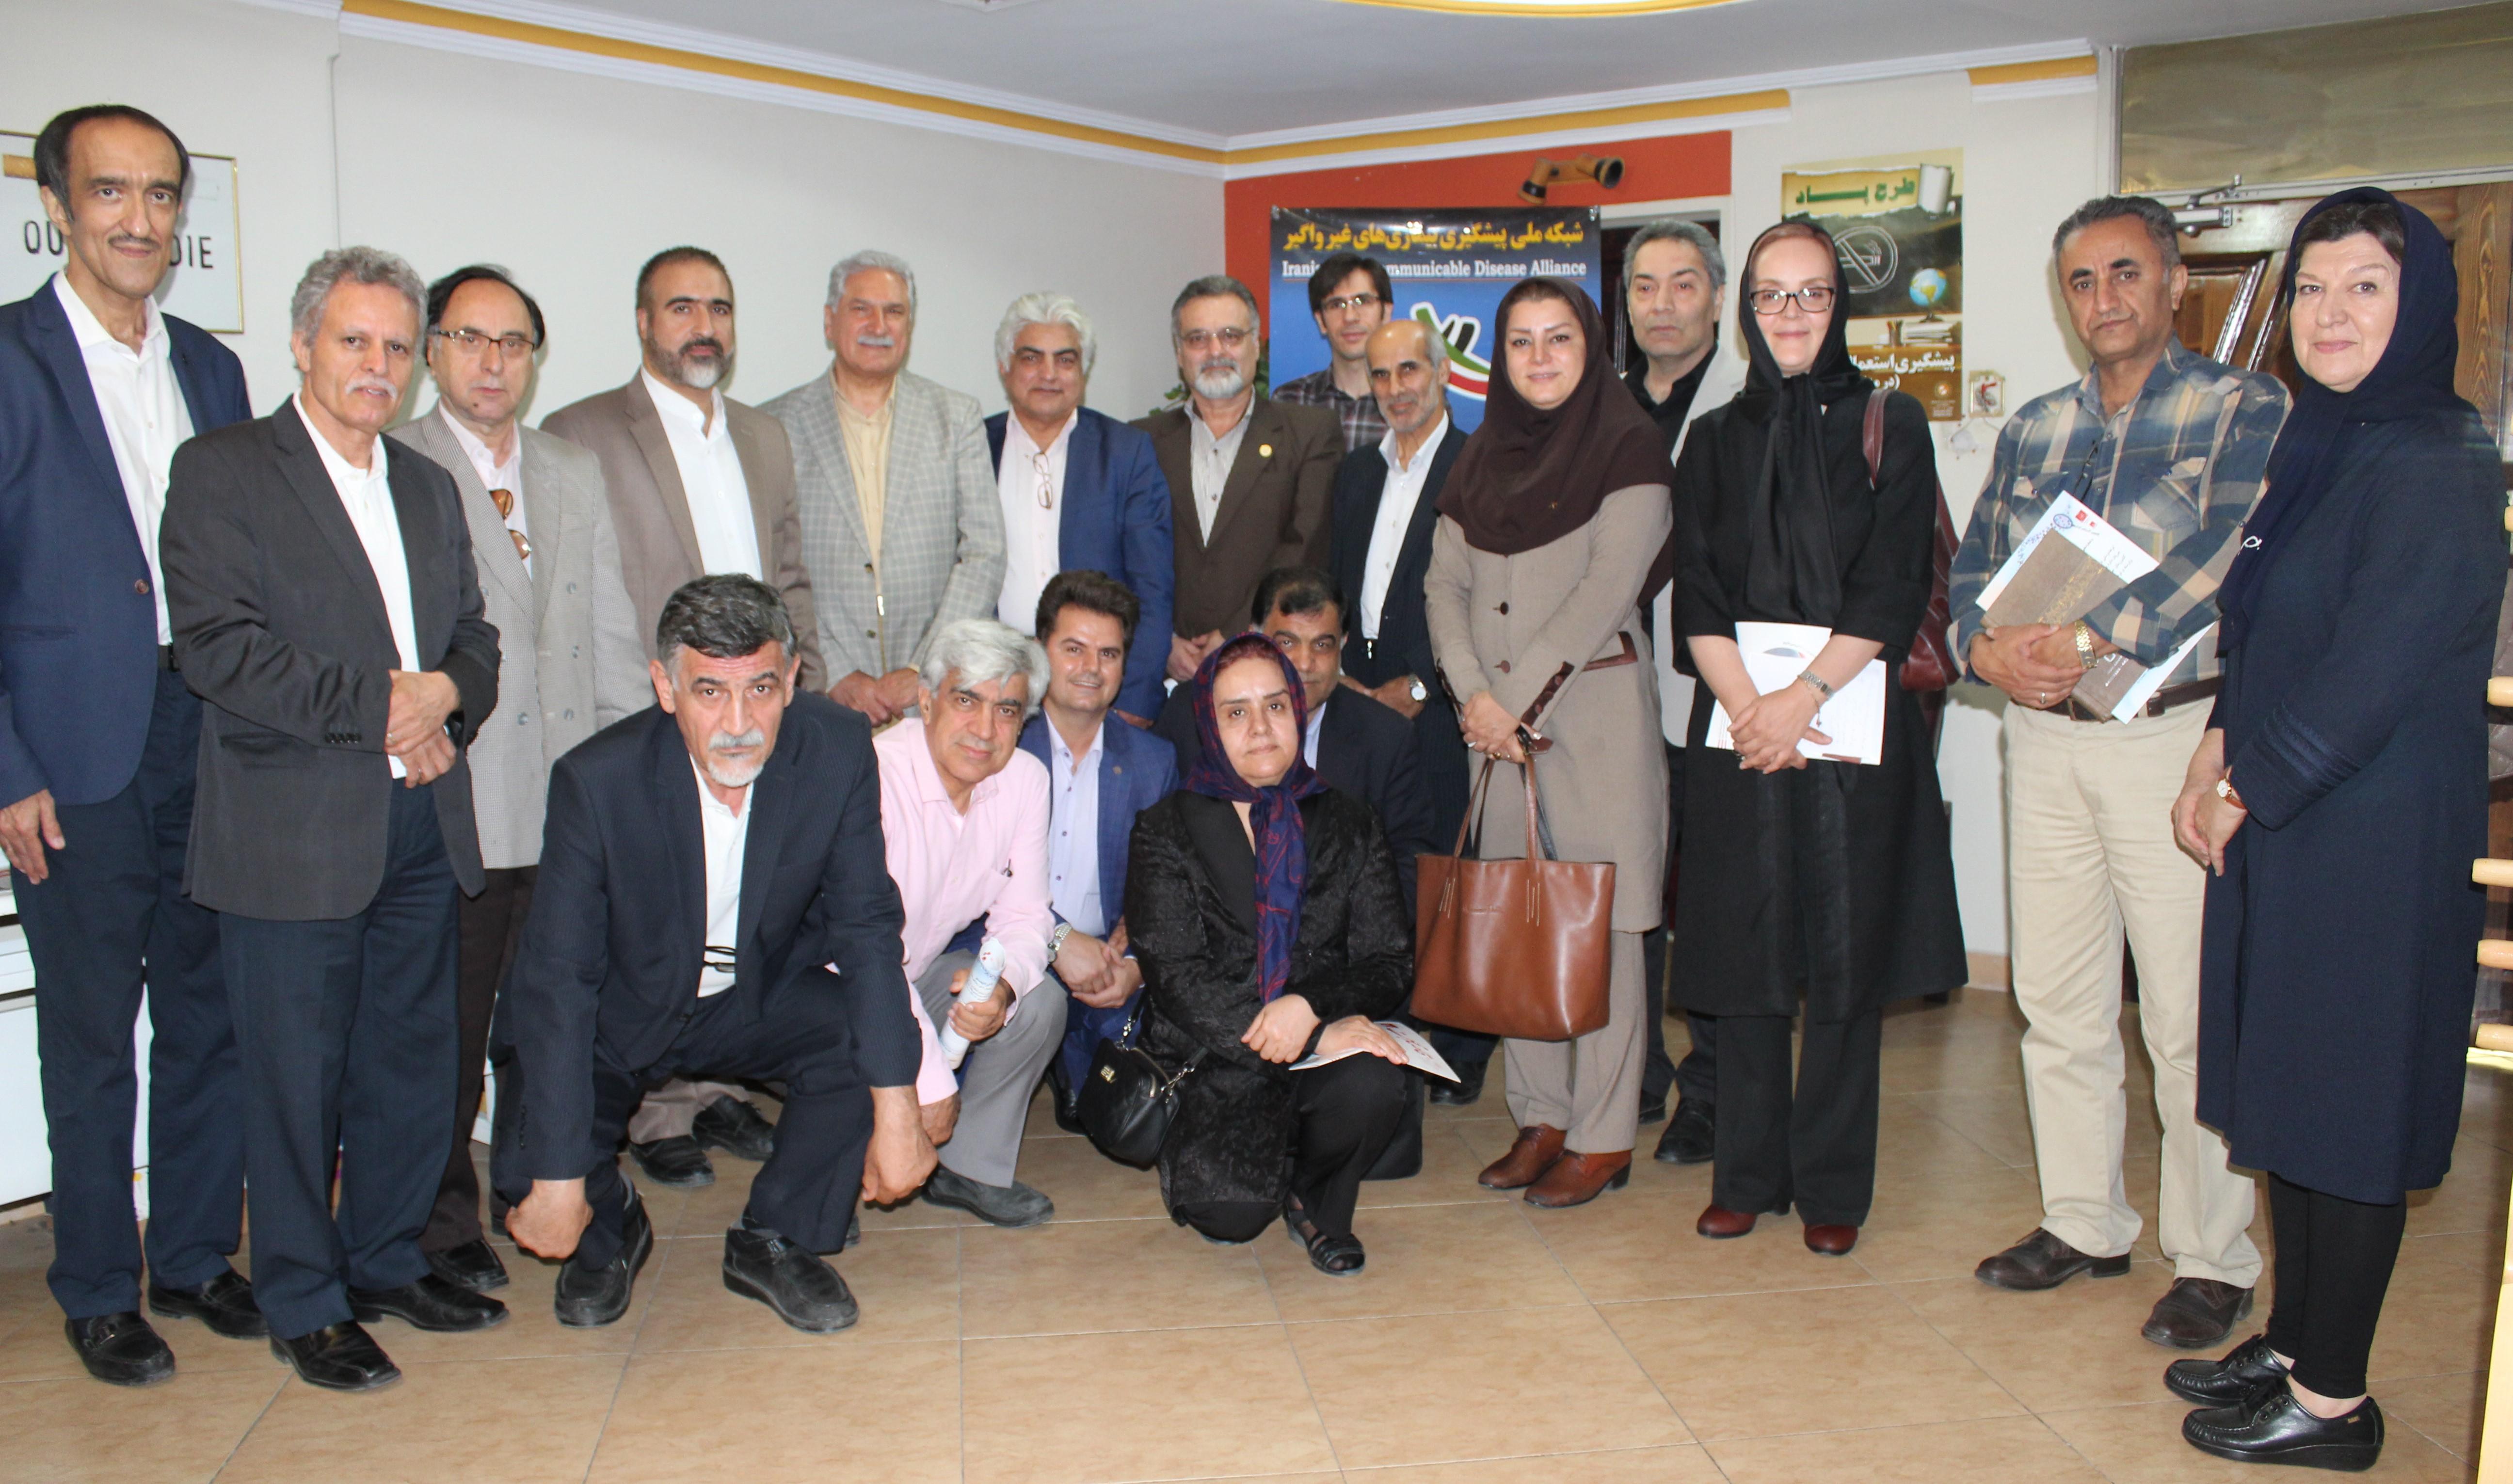 بازدید دکتر کمال اکبری از «شبکه ملی بیماریهای غیرواگیر» در دفتر «جمعیت»